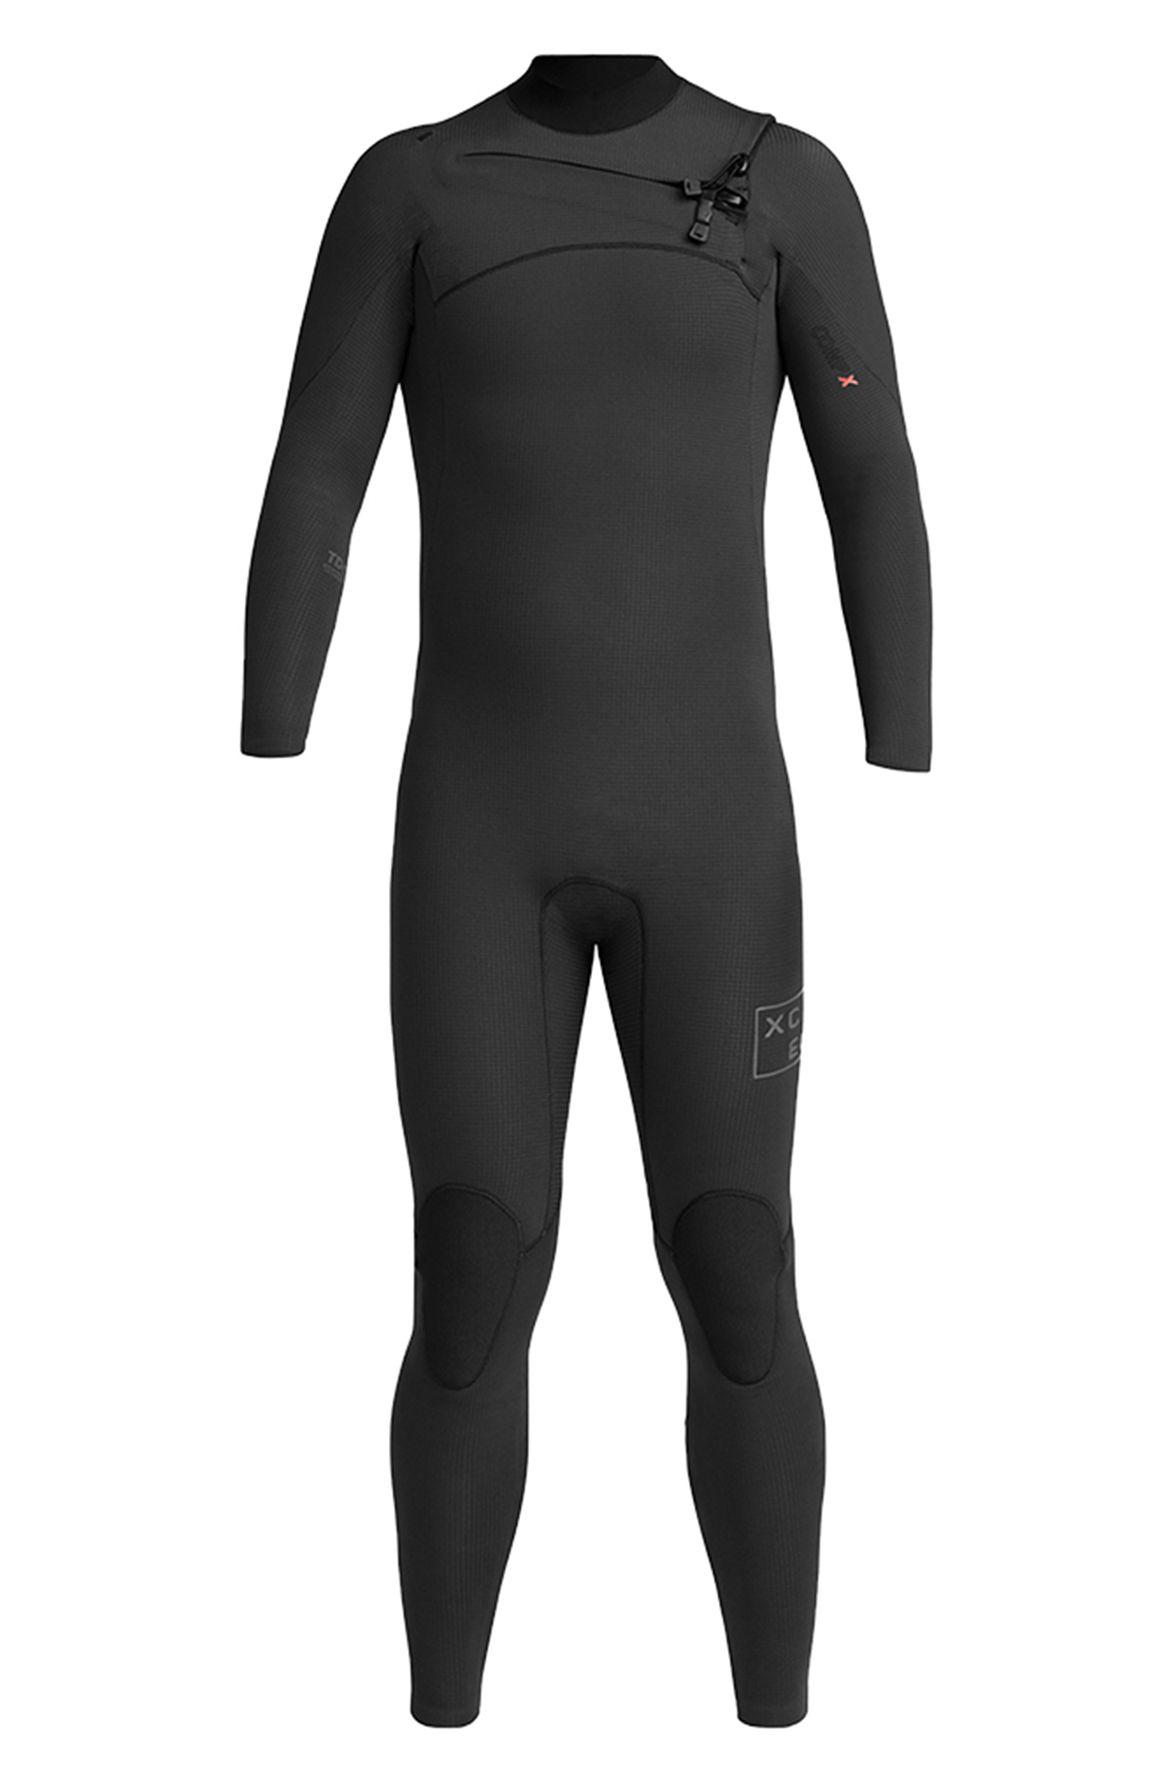 Xcel Wetsuit MEN'S COMP X 3/2MM - X2 TDC FULLSUIT Black Indefinido